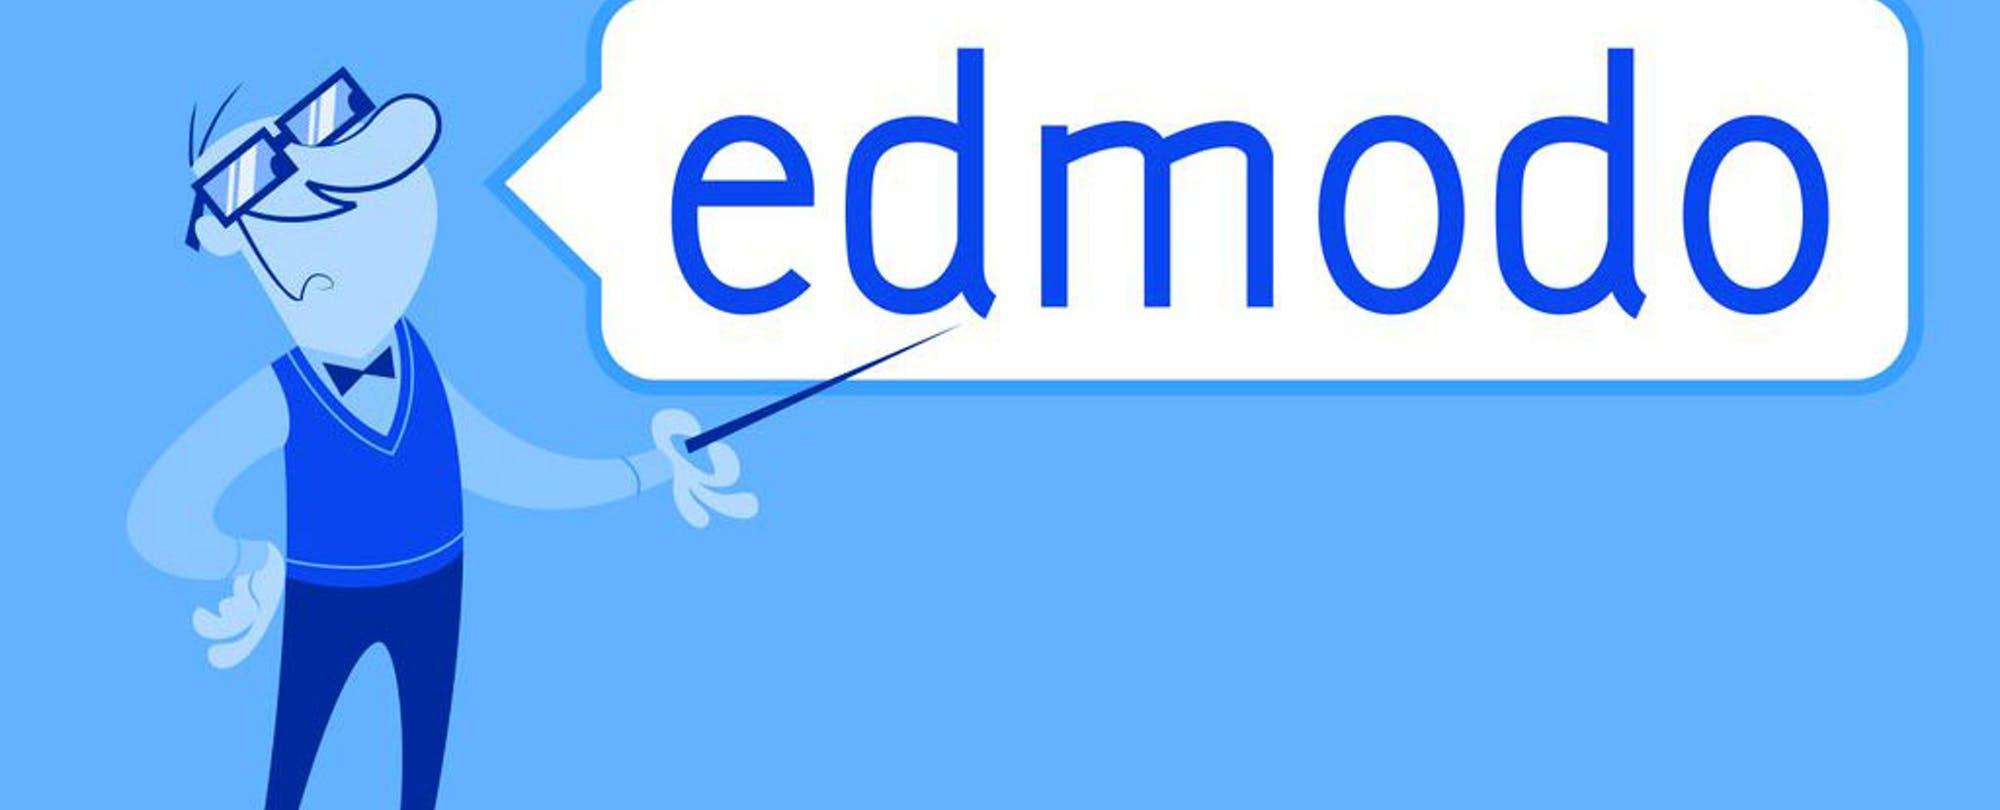 Edmodo Co-Founder Explains Top 10 Edmodo Store Offerings